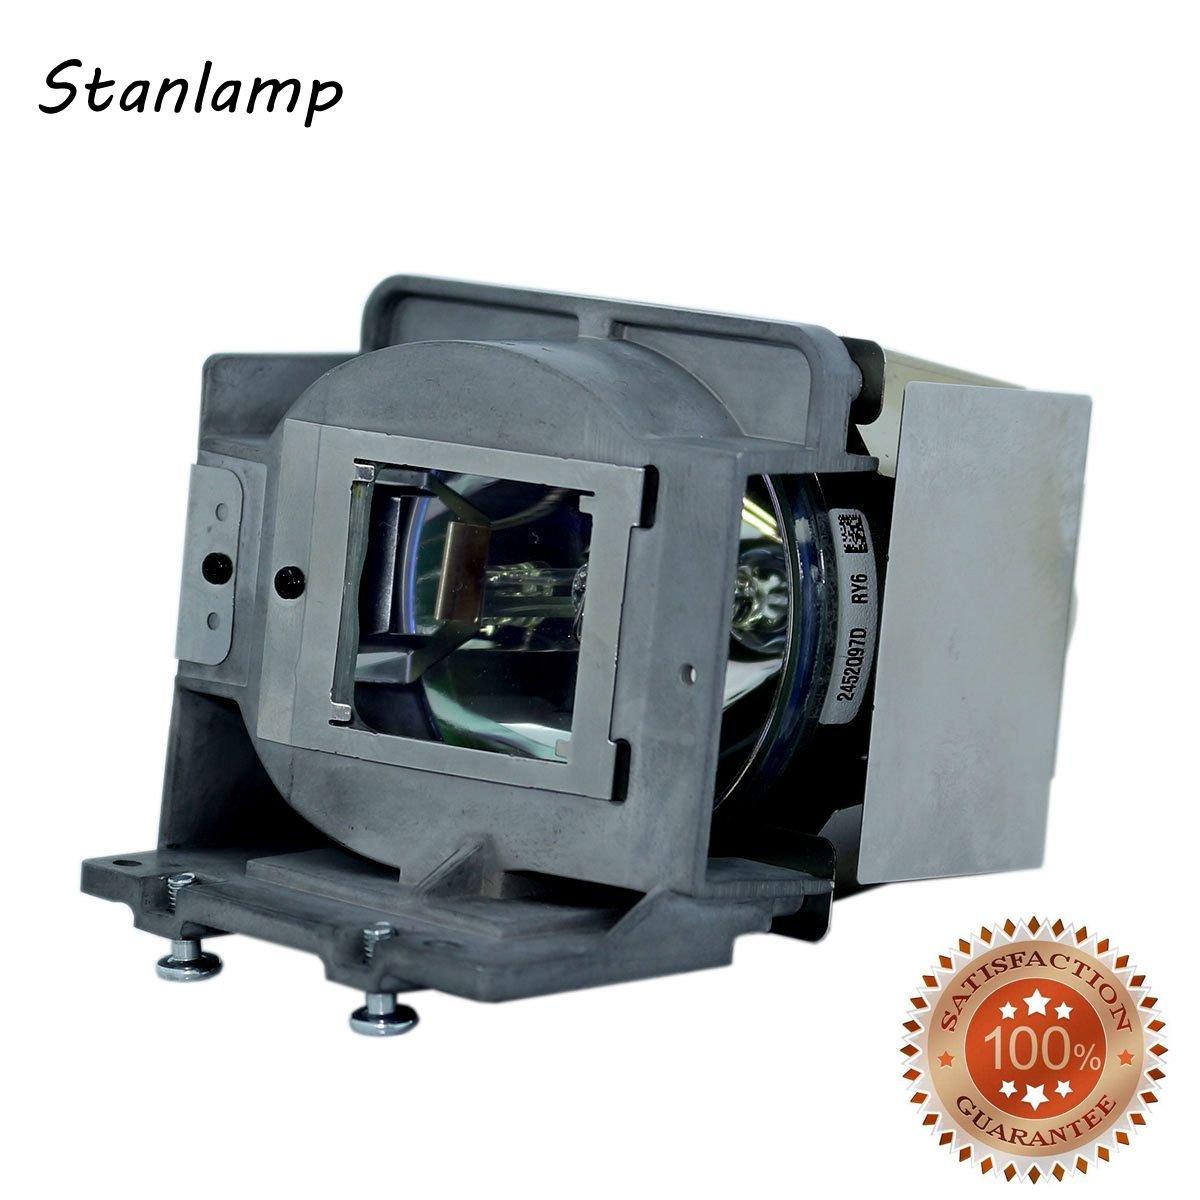 stanlamp rlc-090プレミアム交換用プロジェクターランプwith housing for Viewsonic pjd8333s pjd8633wsプロジェクタ   B0777BHKQV